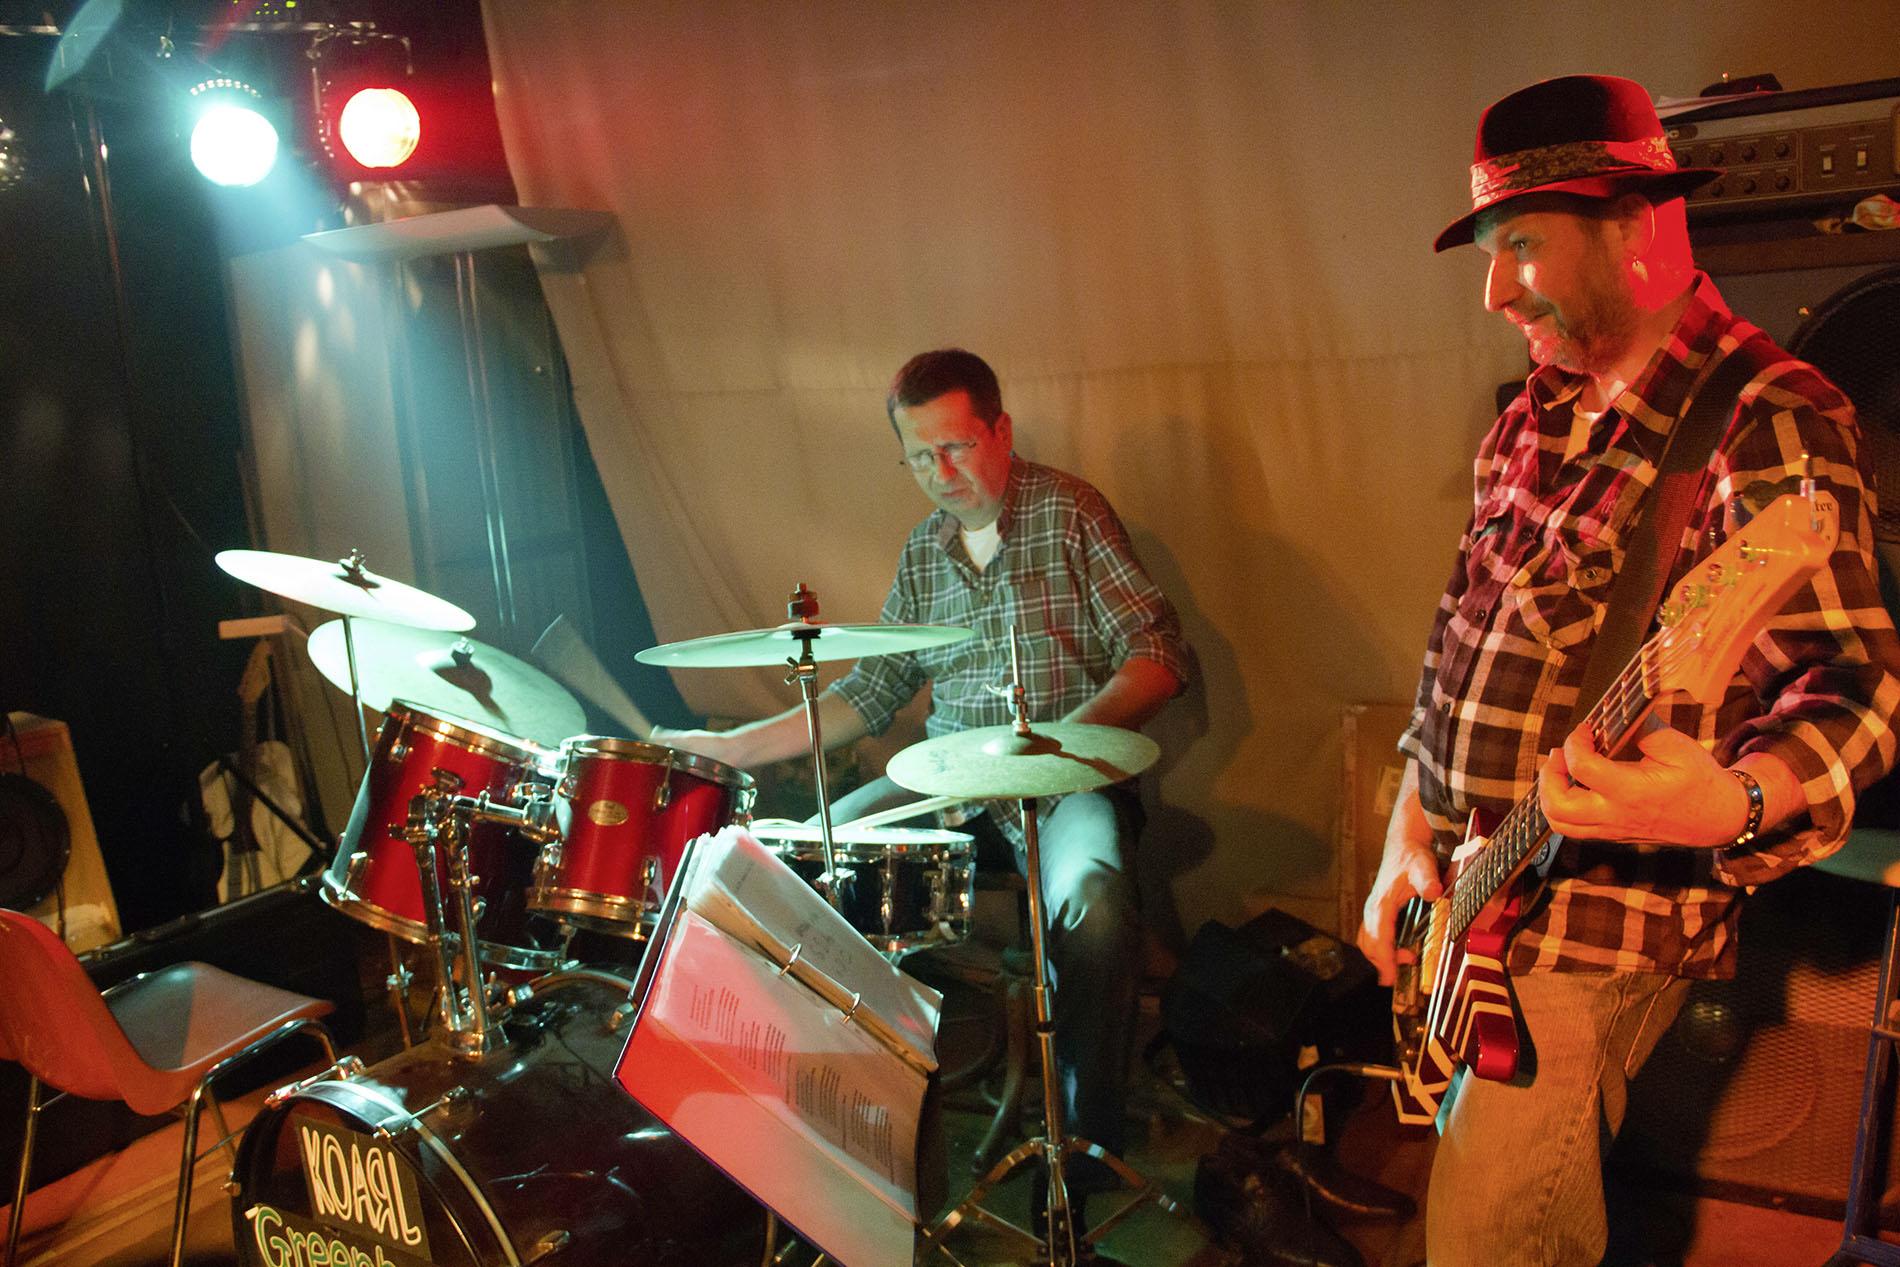 Gitarrist und Schlagzeuger